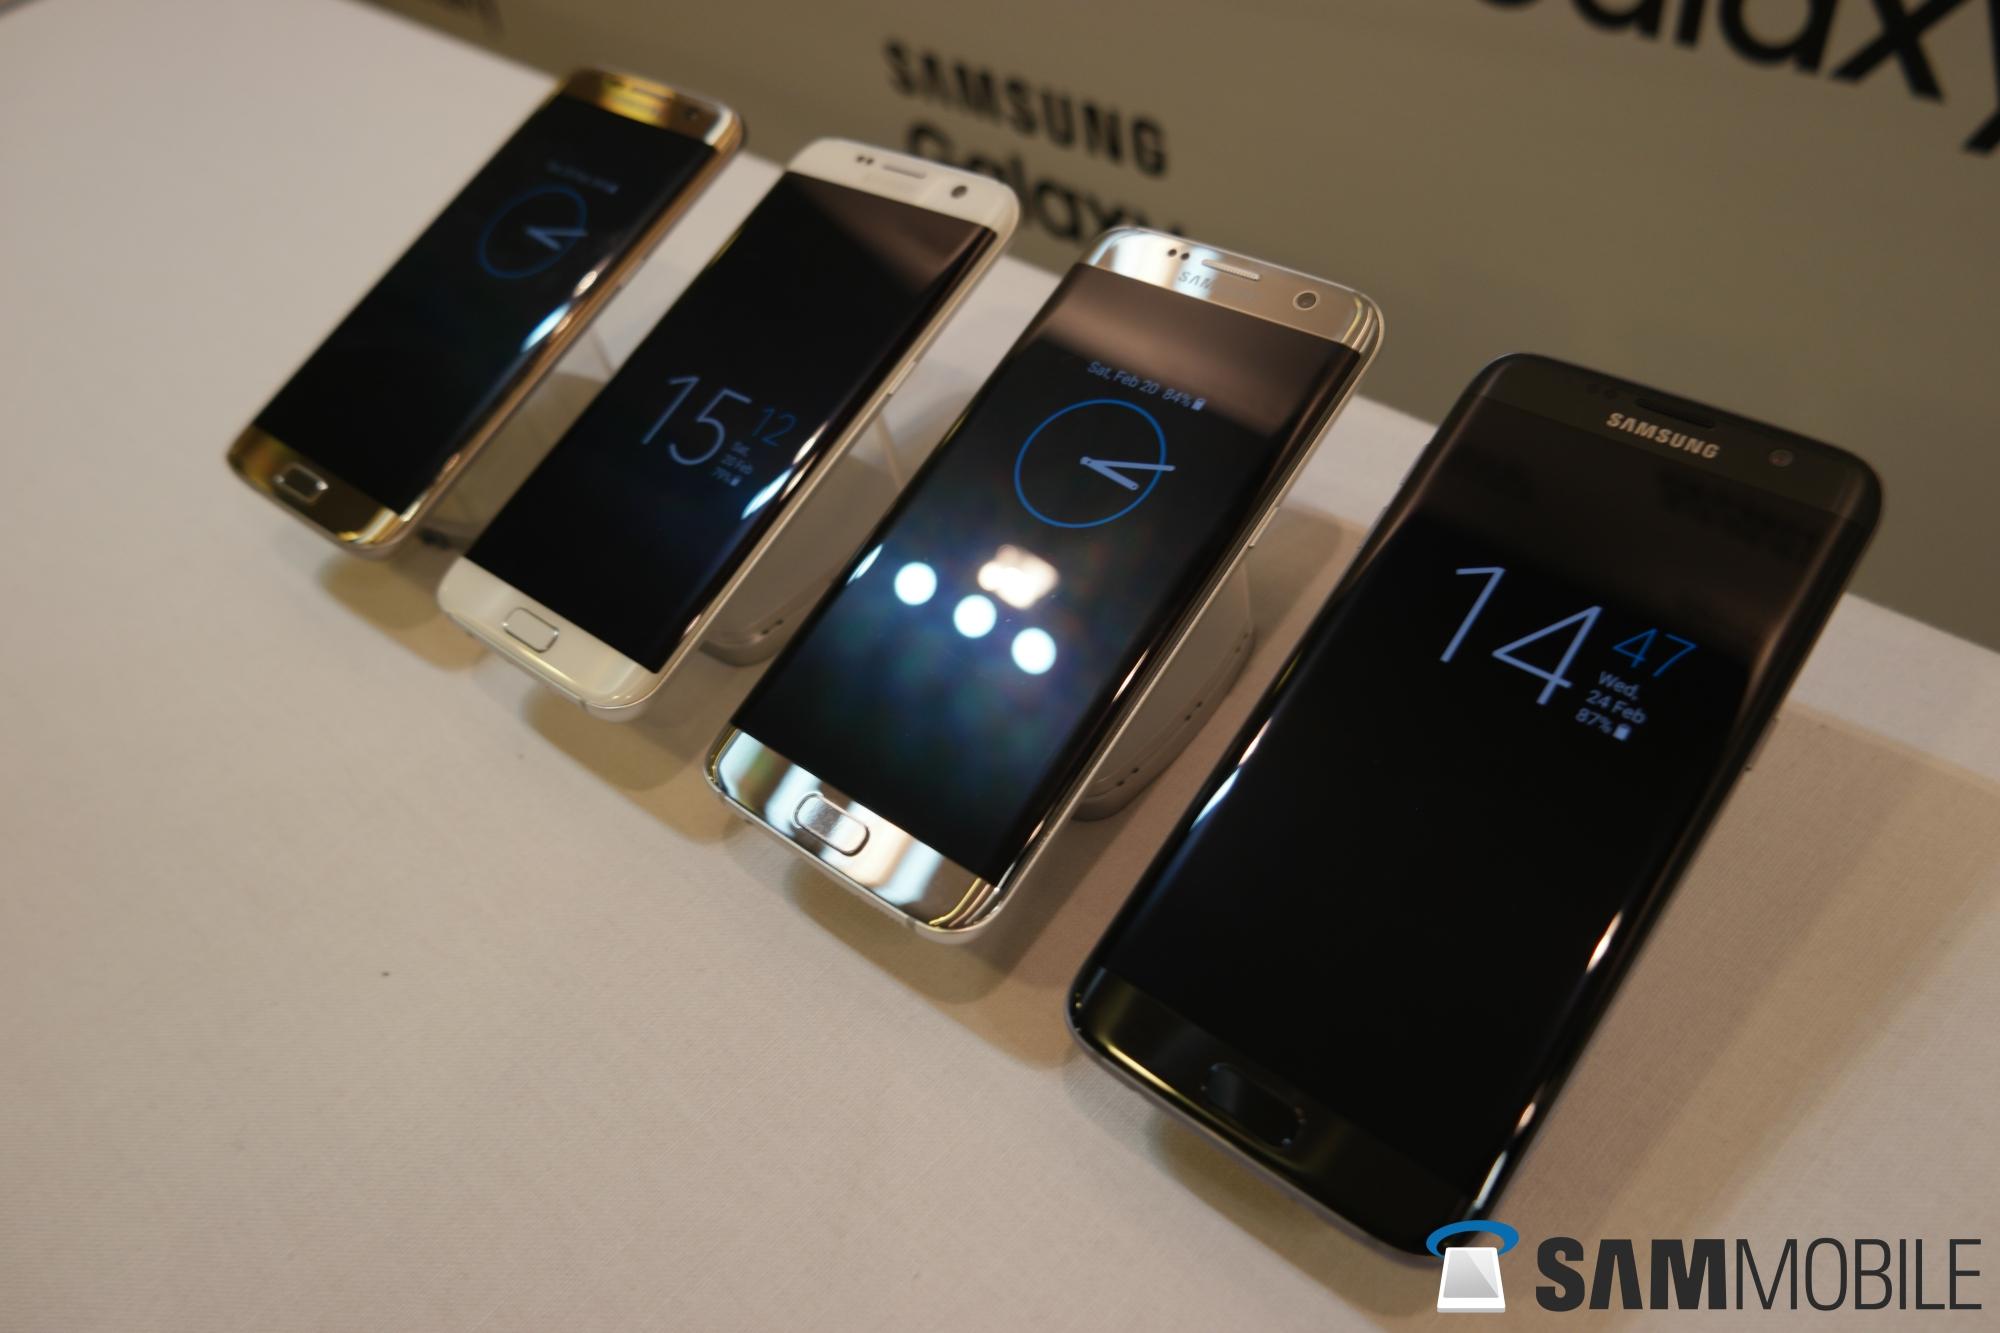 Samsung S7 Edge Black Pearl Price In India